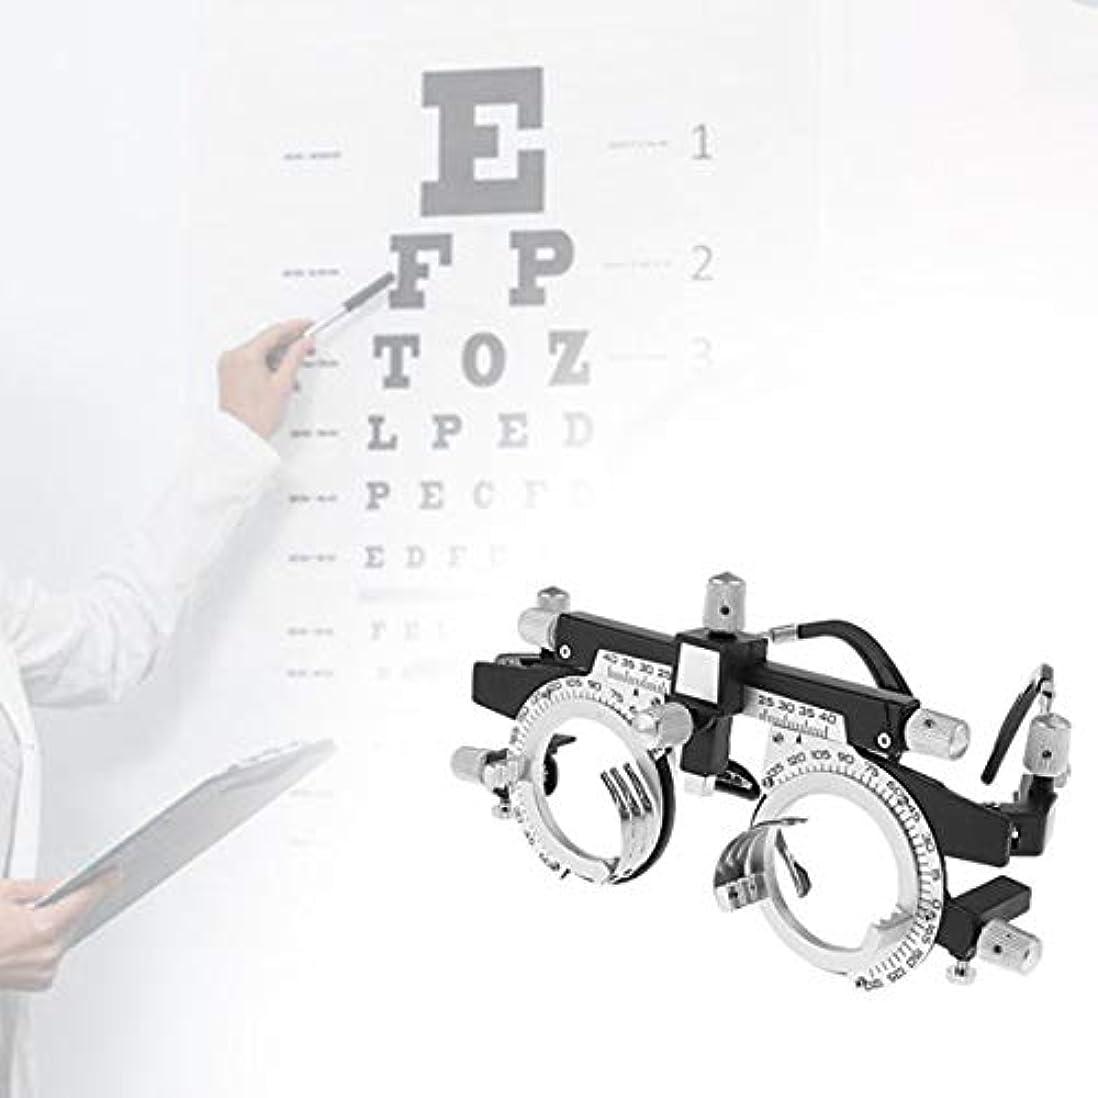 エピソード慣らす引数調整可能なプロフェッショナルアイウェア検眼メタルフレームオプティカルオプティクストライアルレンズメタルフレームPDメガネアクセサリーメタルフレーム